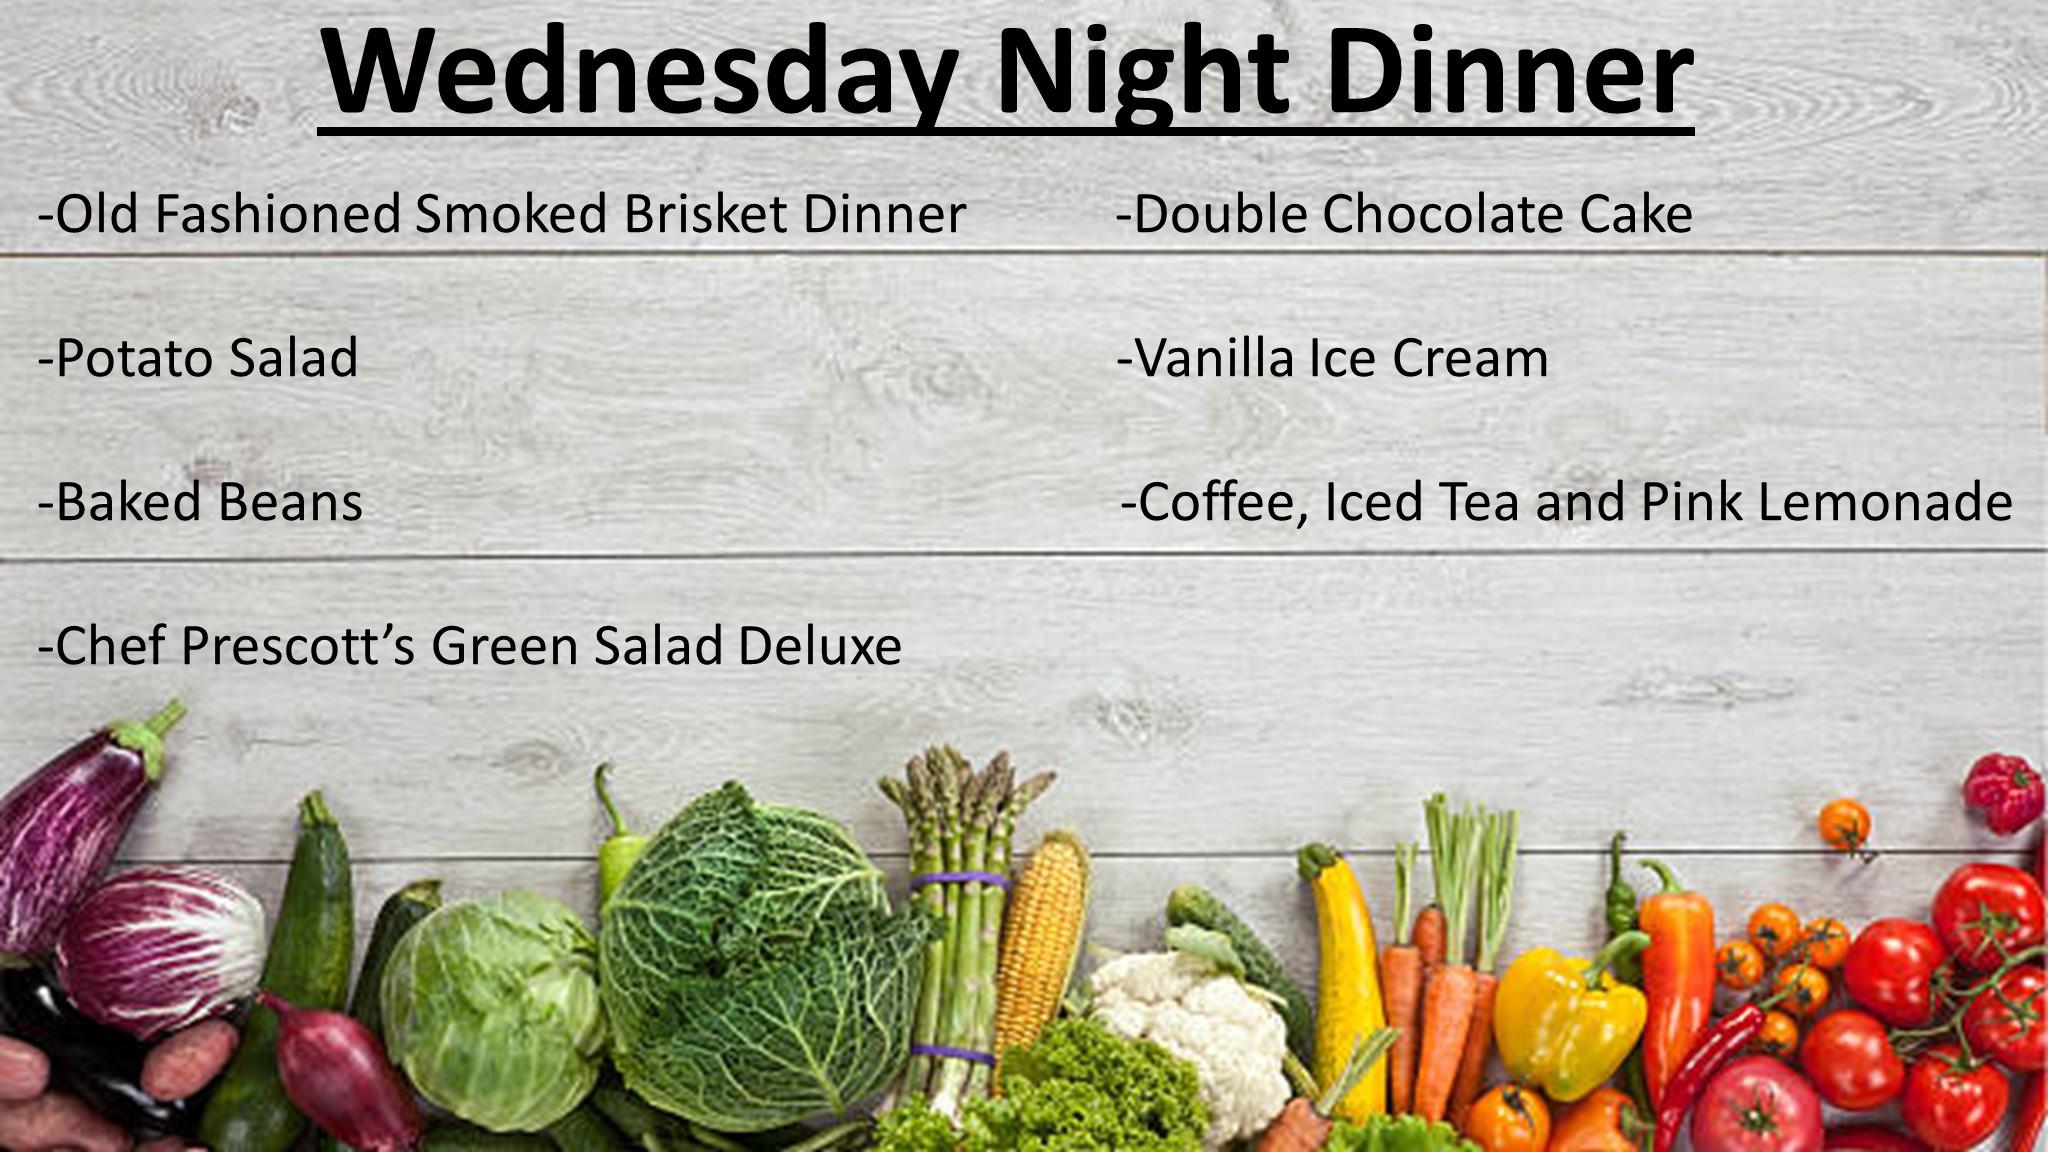 Wednesday Dinner 02272019.jpg